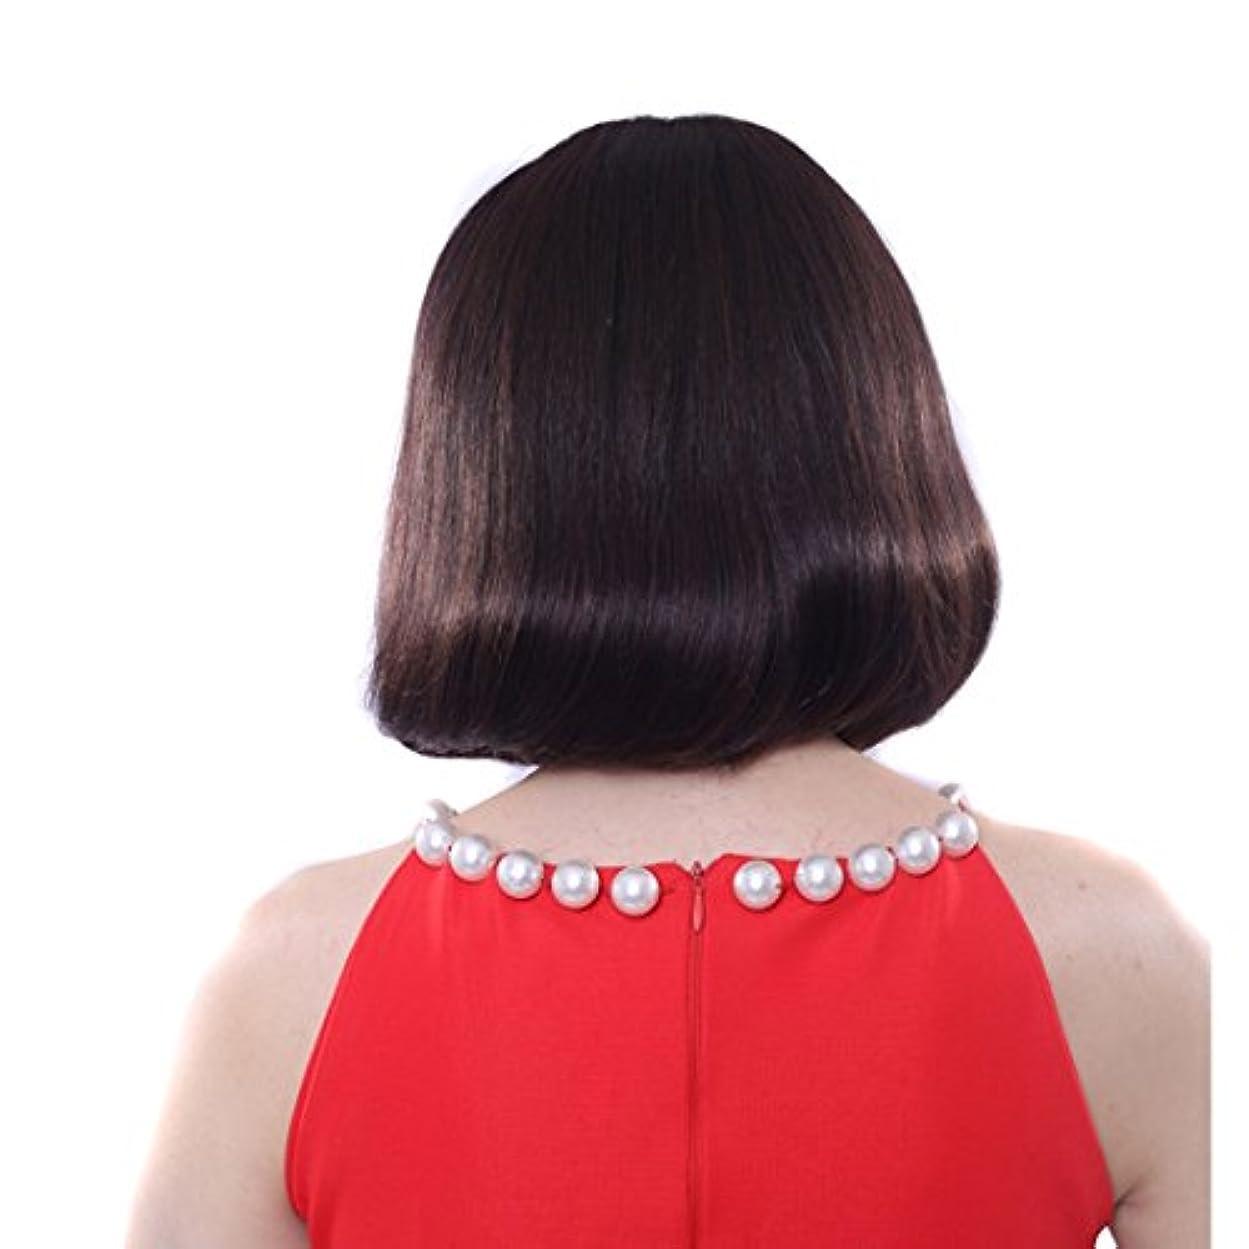 エスカレーター効率的推進力YOUQIU 現実的な人間の自然なかつらの内部梨髪シルクヘアボボヘッドウィッグカーリーフラット前髪ウィッグFuffyインナー梨髪の長さが26センチメートルウィッグ (色 : 黒)